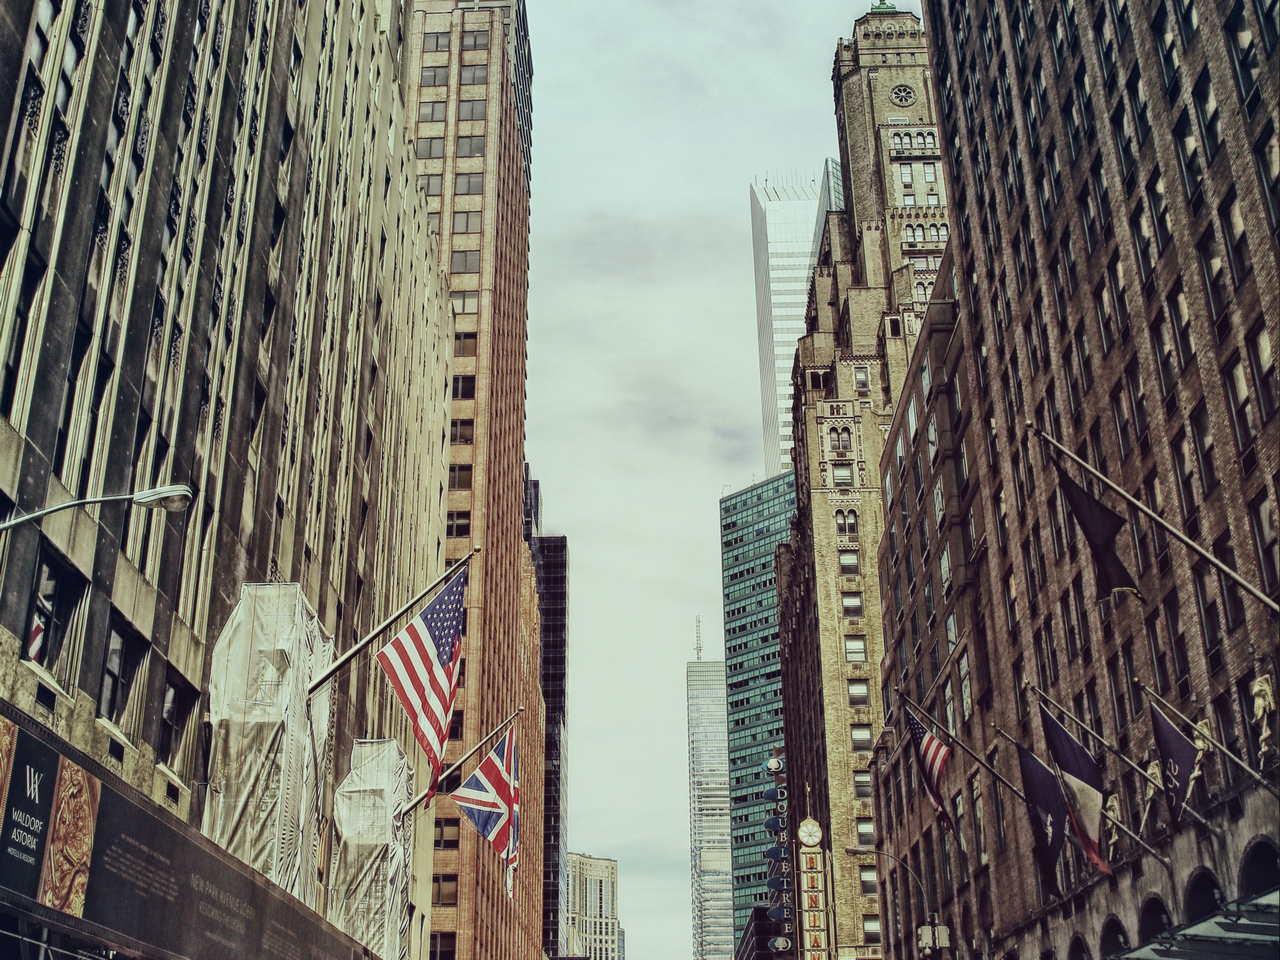 Business, Geschäft, Geschäftsmann, Beratung, Consulting, Unternehmen, Gründen, Startup, Firma, Arbeit, Werk, Beschäftigung, Selbstständig, Selbstständigkeit, Nebenberuflich, Beruf, Work, Selbständig, Selbständigkeit, Homeoffice, Nebenjob, Hauptberuflich, Büro, Office, Datenschutz, Reich werden ohne Arbeit, Nebenberuf, Tätigkeit, Nebentätigkeit, Franchise, Wirtschaft, Eigenkapital, Vermögnen, Erfinder, Existenz, Existenzgründer